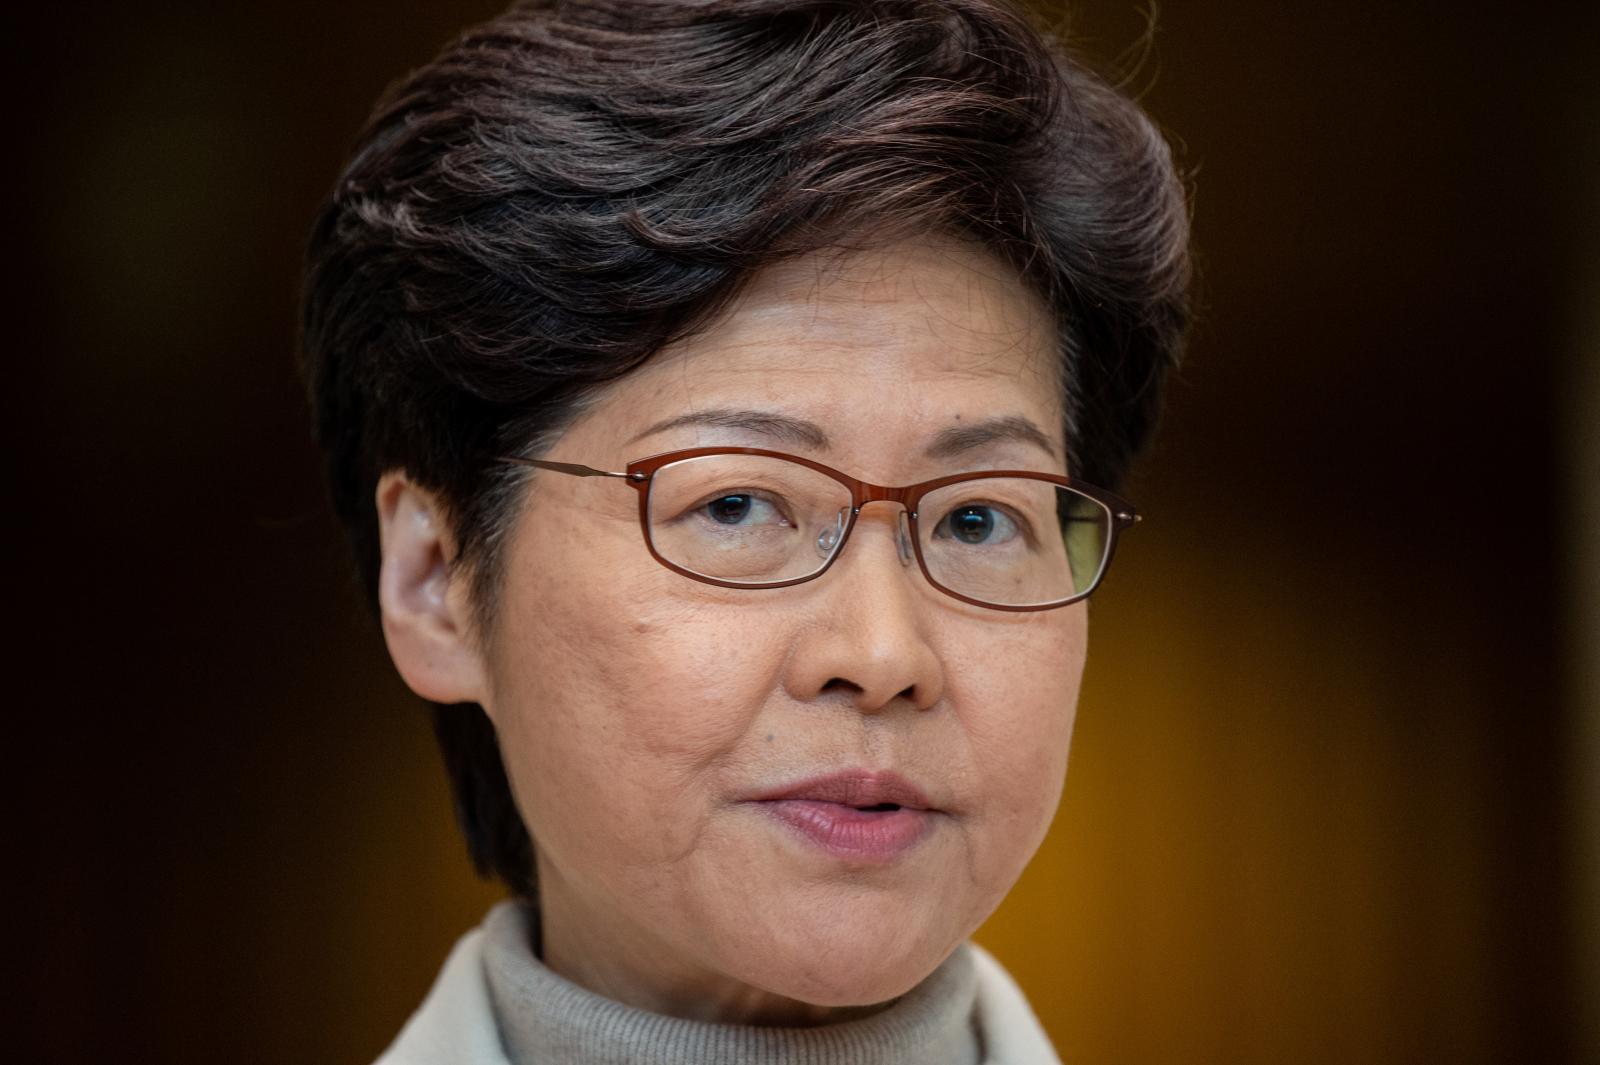 ผู้บริหารฮ่องกงเยือนกรุงปักกิ่ง หารือวิกฤตม็อบ